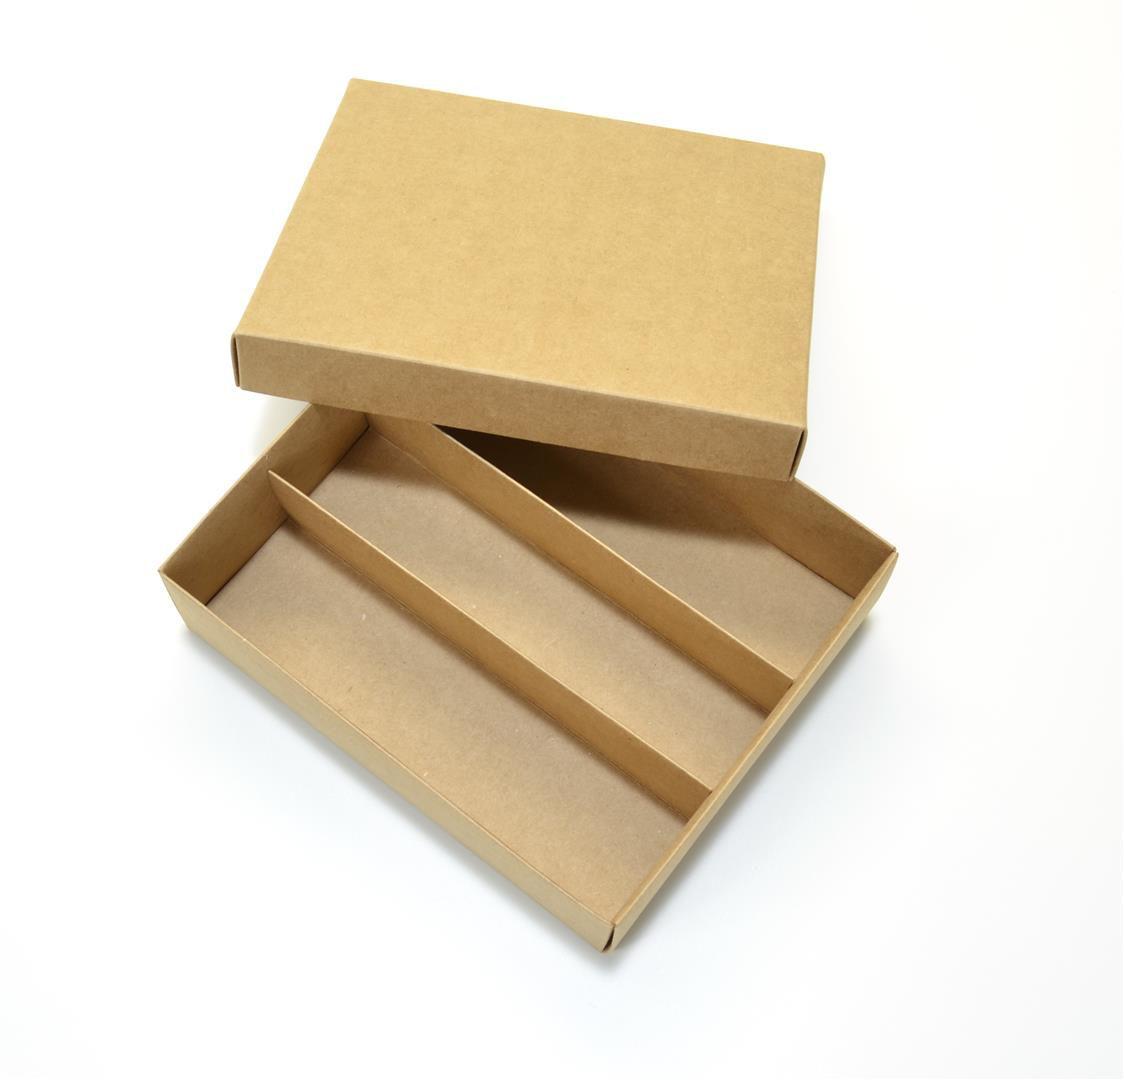 Ref 025 Kraft - Caixa p/ Garrafa e Taça - 21,5x18,5x6,5 cm - c/ 10 unidades